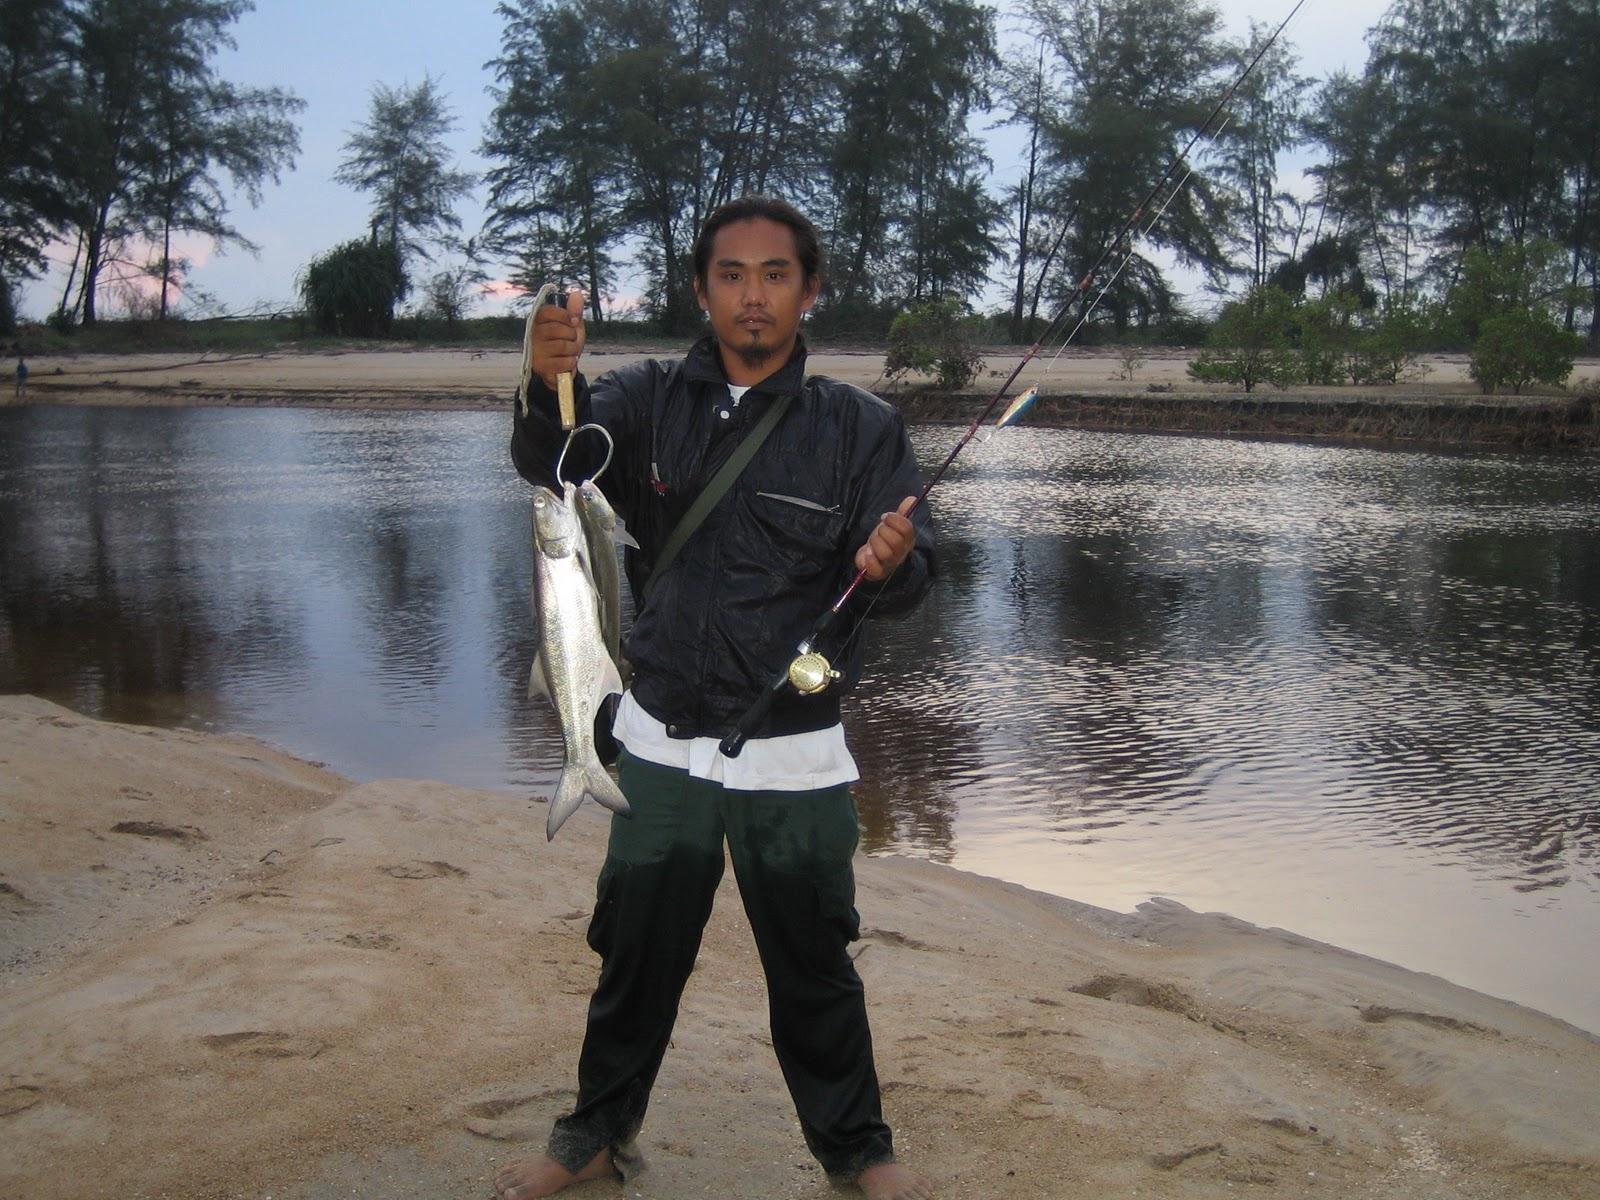 Senangin juga terdapat di sungai pnor ini. awal pagi adalah waktu